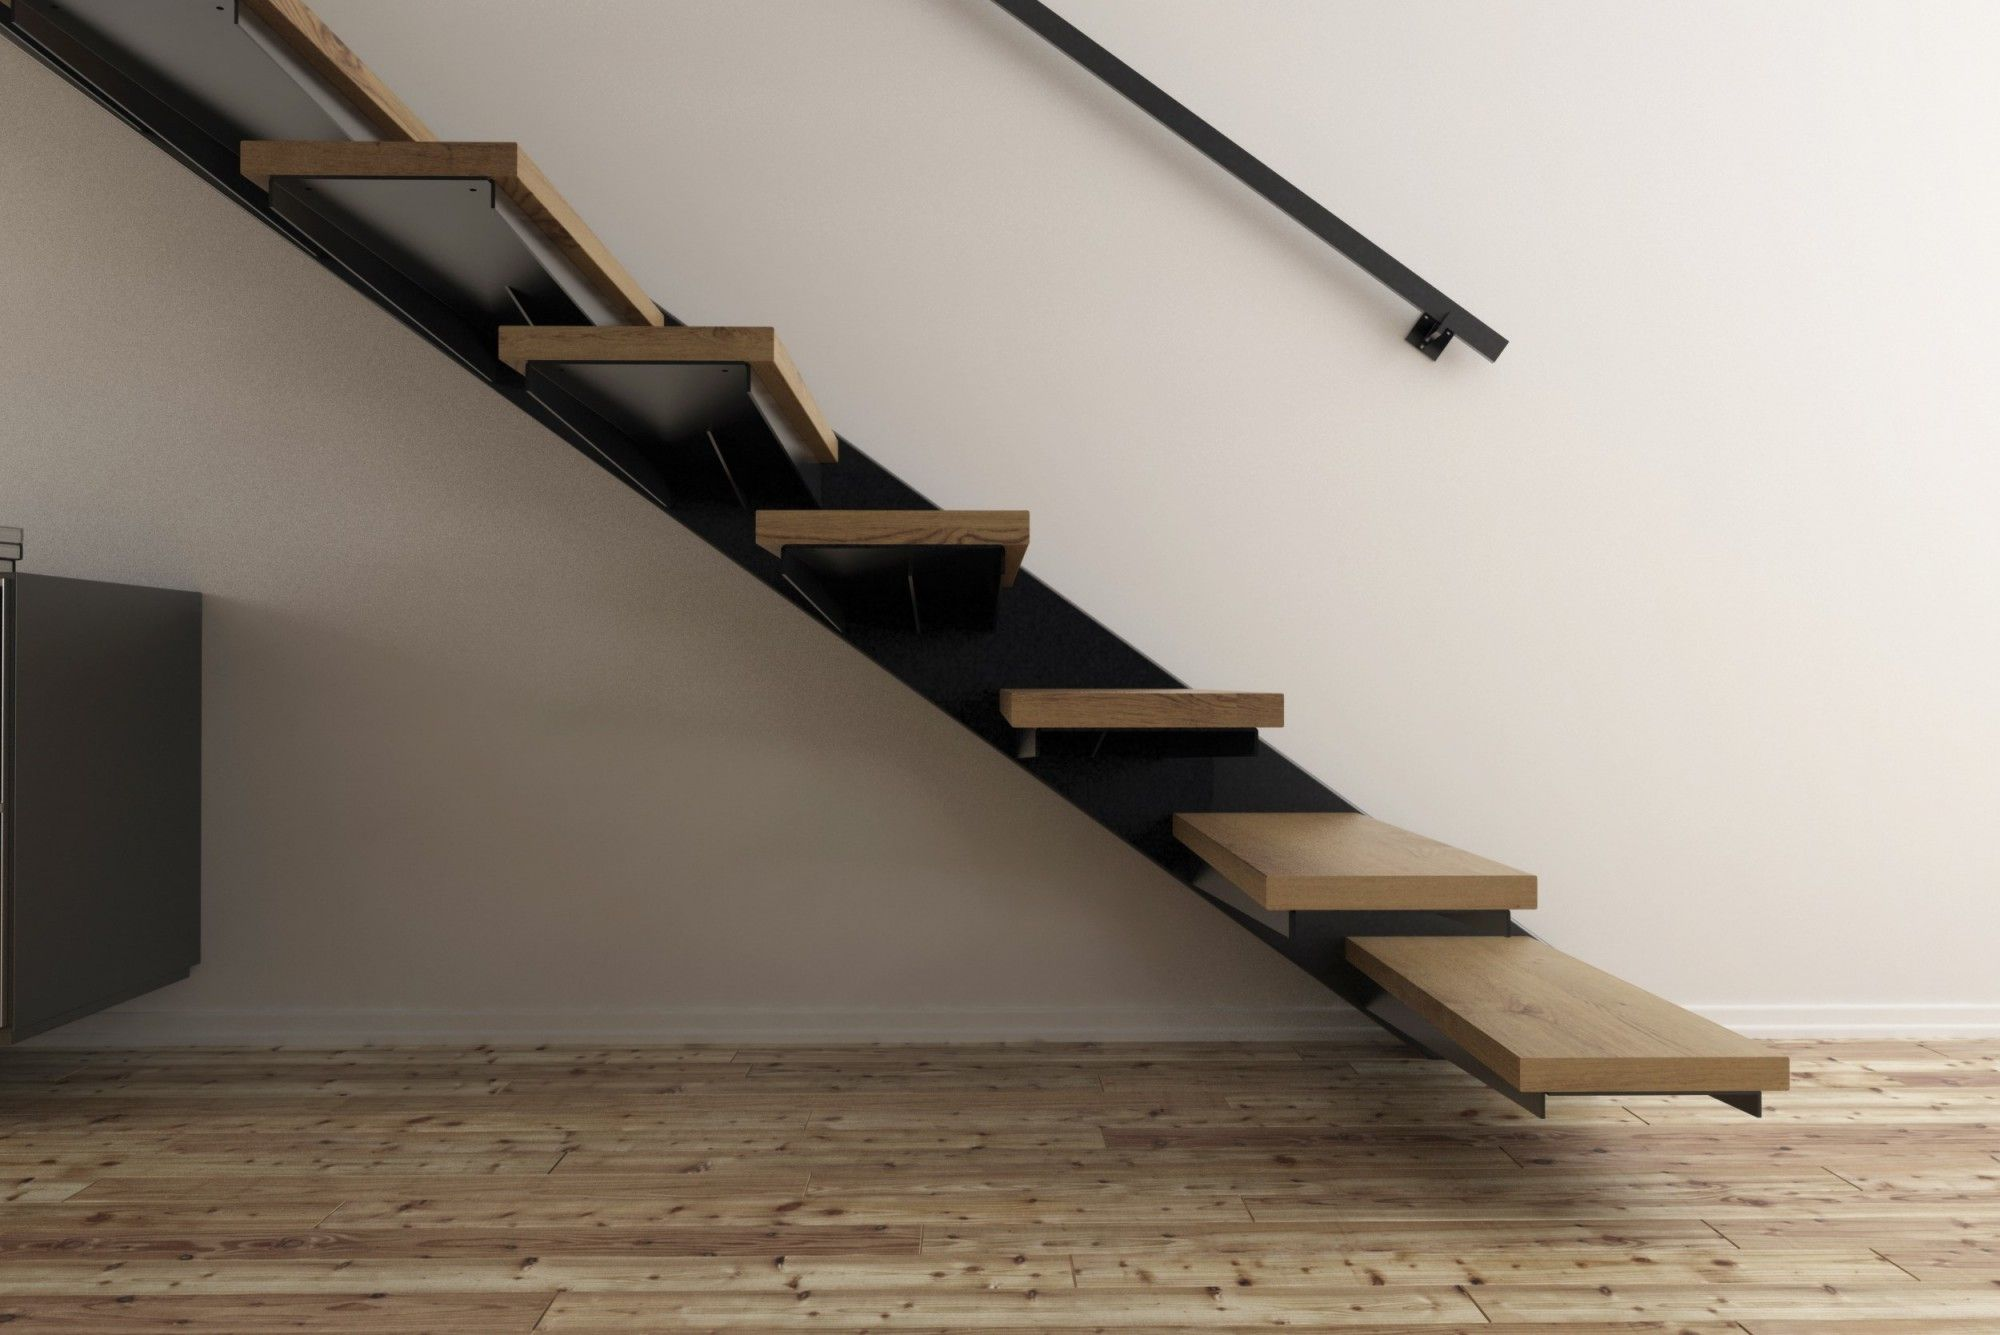 escalier suspendu m tal et bois d coint rieure diy escalierenkit escalier stairkaze. Black Bedroom Furniture Sets. Home Design Ideas